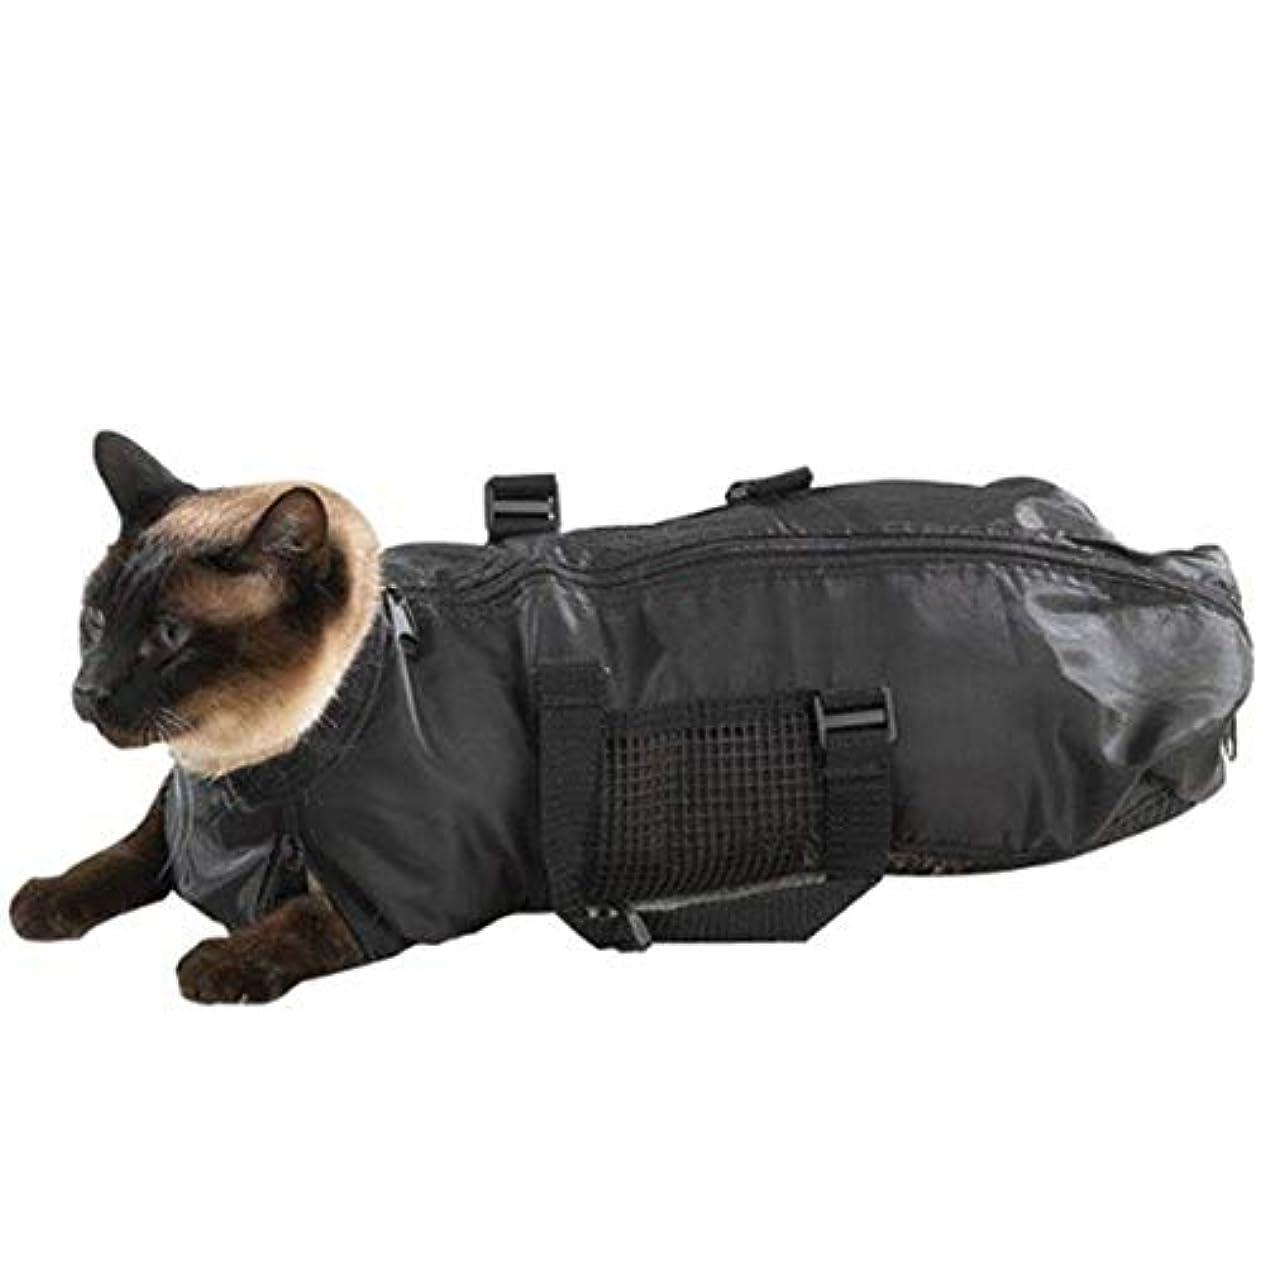 カウボーイレベル杭Saikogoods ネイルクリッピングお風呂のための猫グルーミングバッグ 耐久性に優れ ノースクラッチ 噛み拘束 多彩なバッグ ペットサプライ 黒